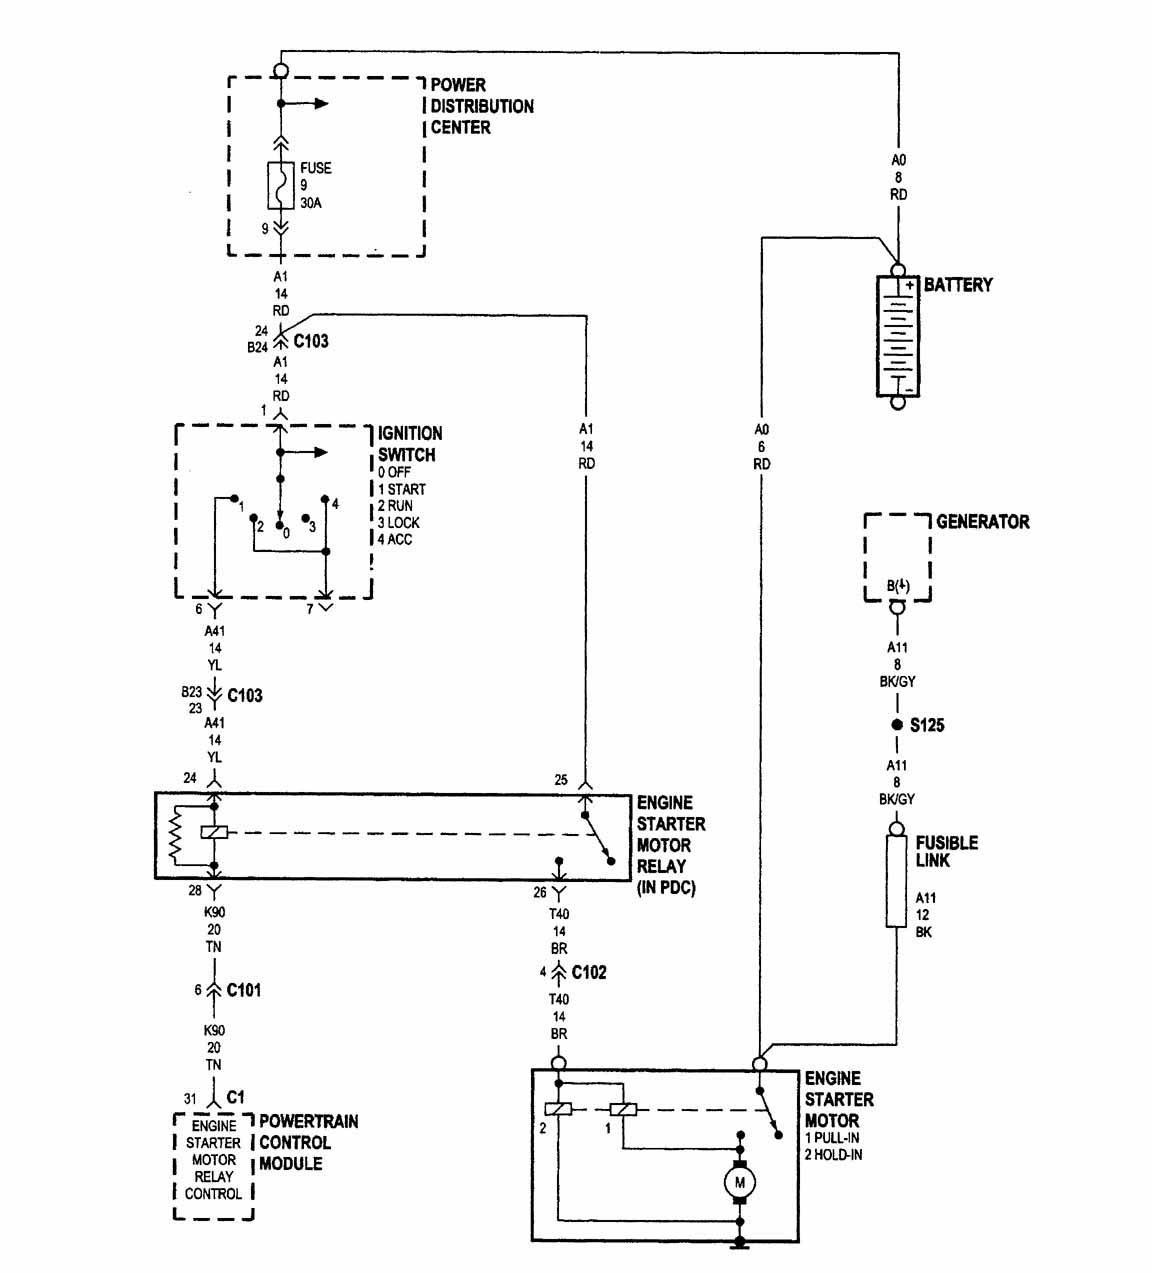 2001 Dodge Neon Wiring Harness 2004 Ford Freestar Engine Diagram For Wiring Diagram Schematics